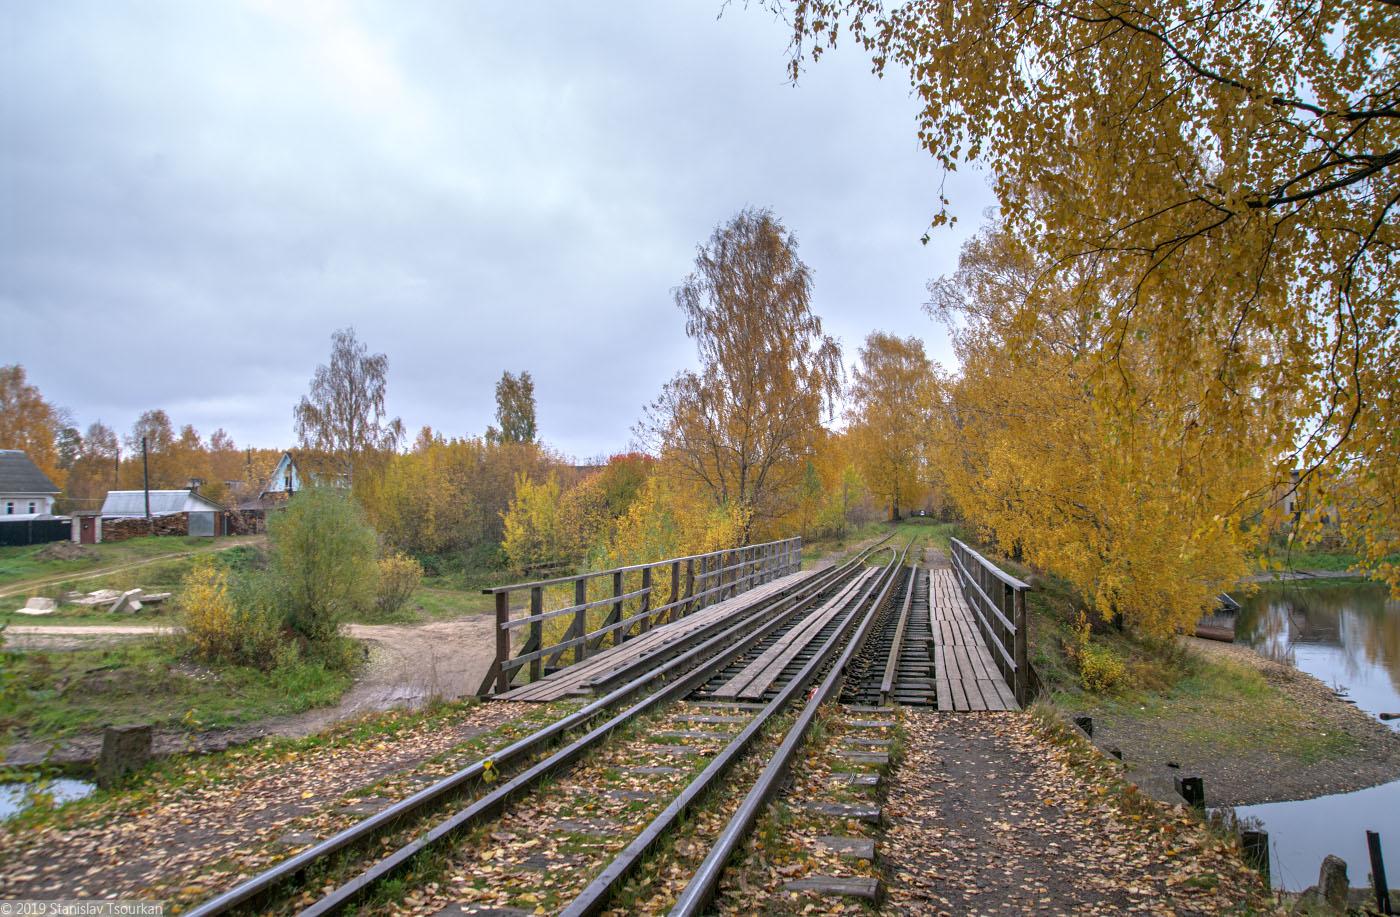 Весьегонск, Тверская область, ж/д, железная дорога, станция Весьегонск, мост, Чухарный ручей